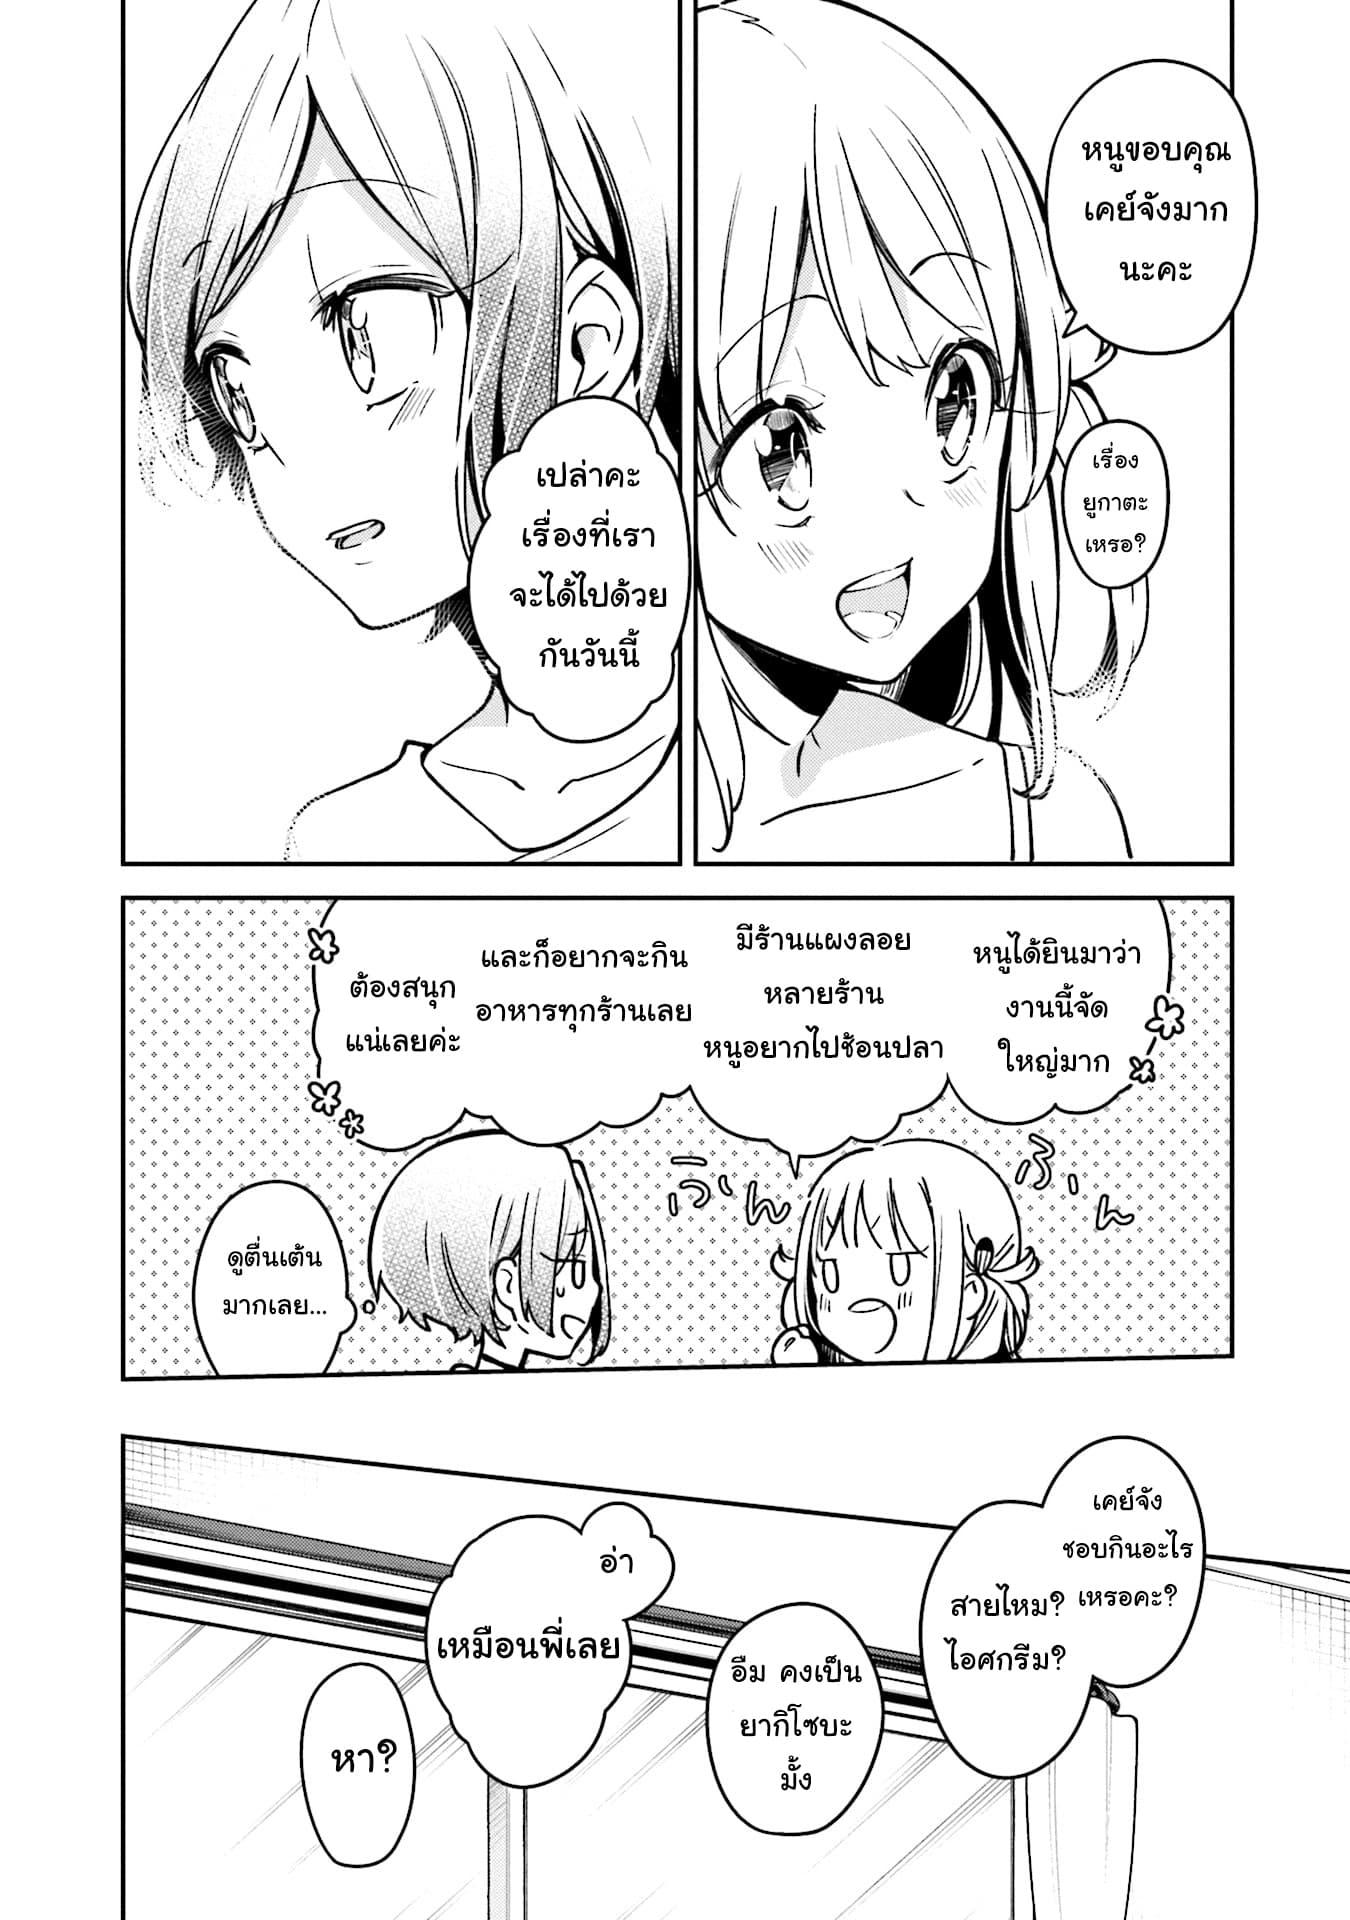 อ่านการ์ตูน Himari no Mawari ตอนที่ 4 หน้าที่ 12